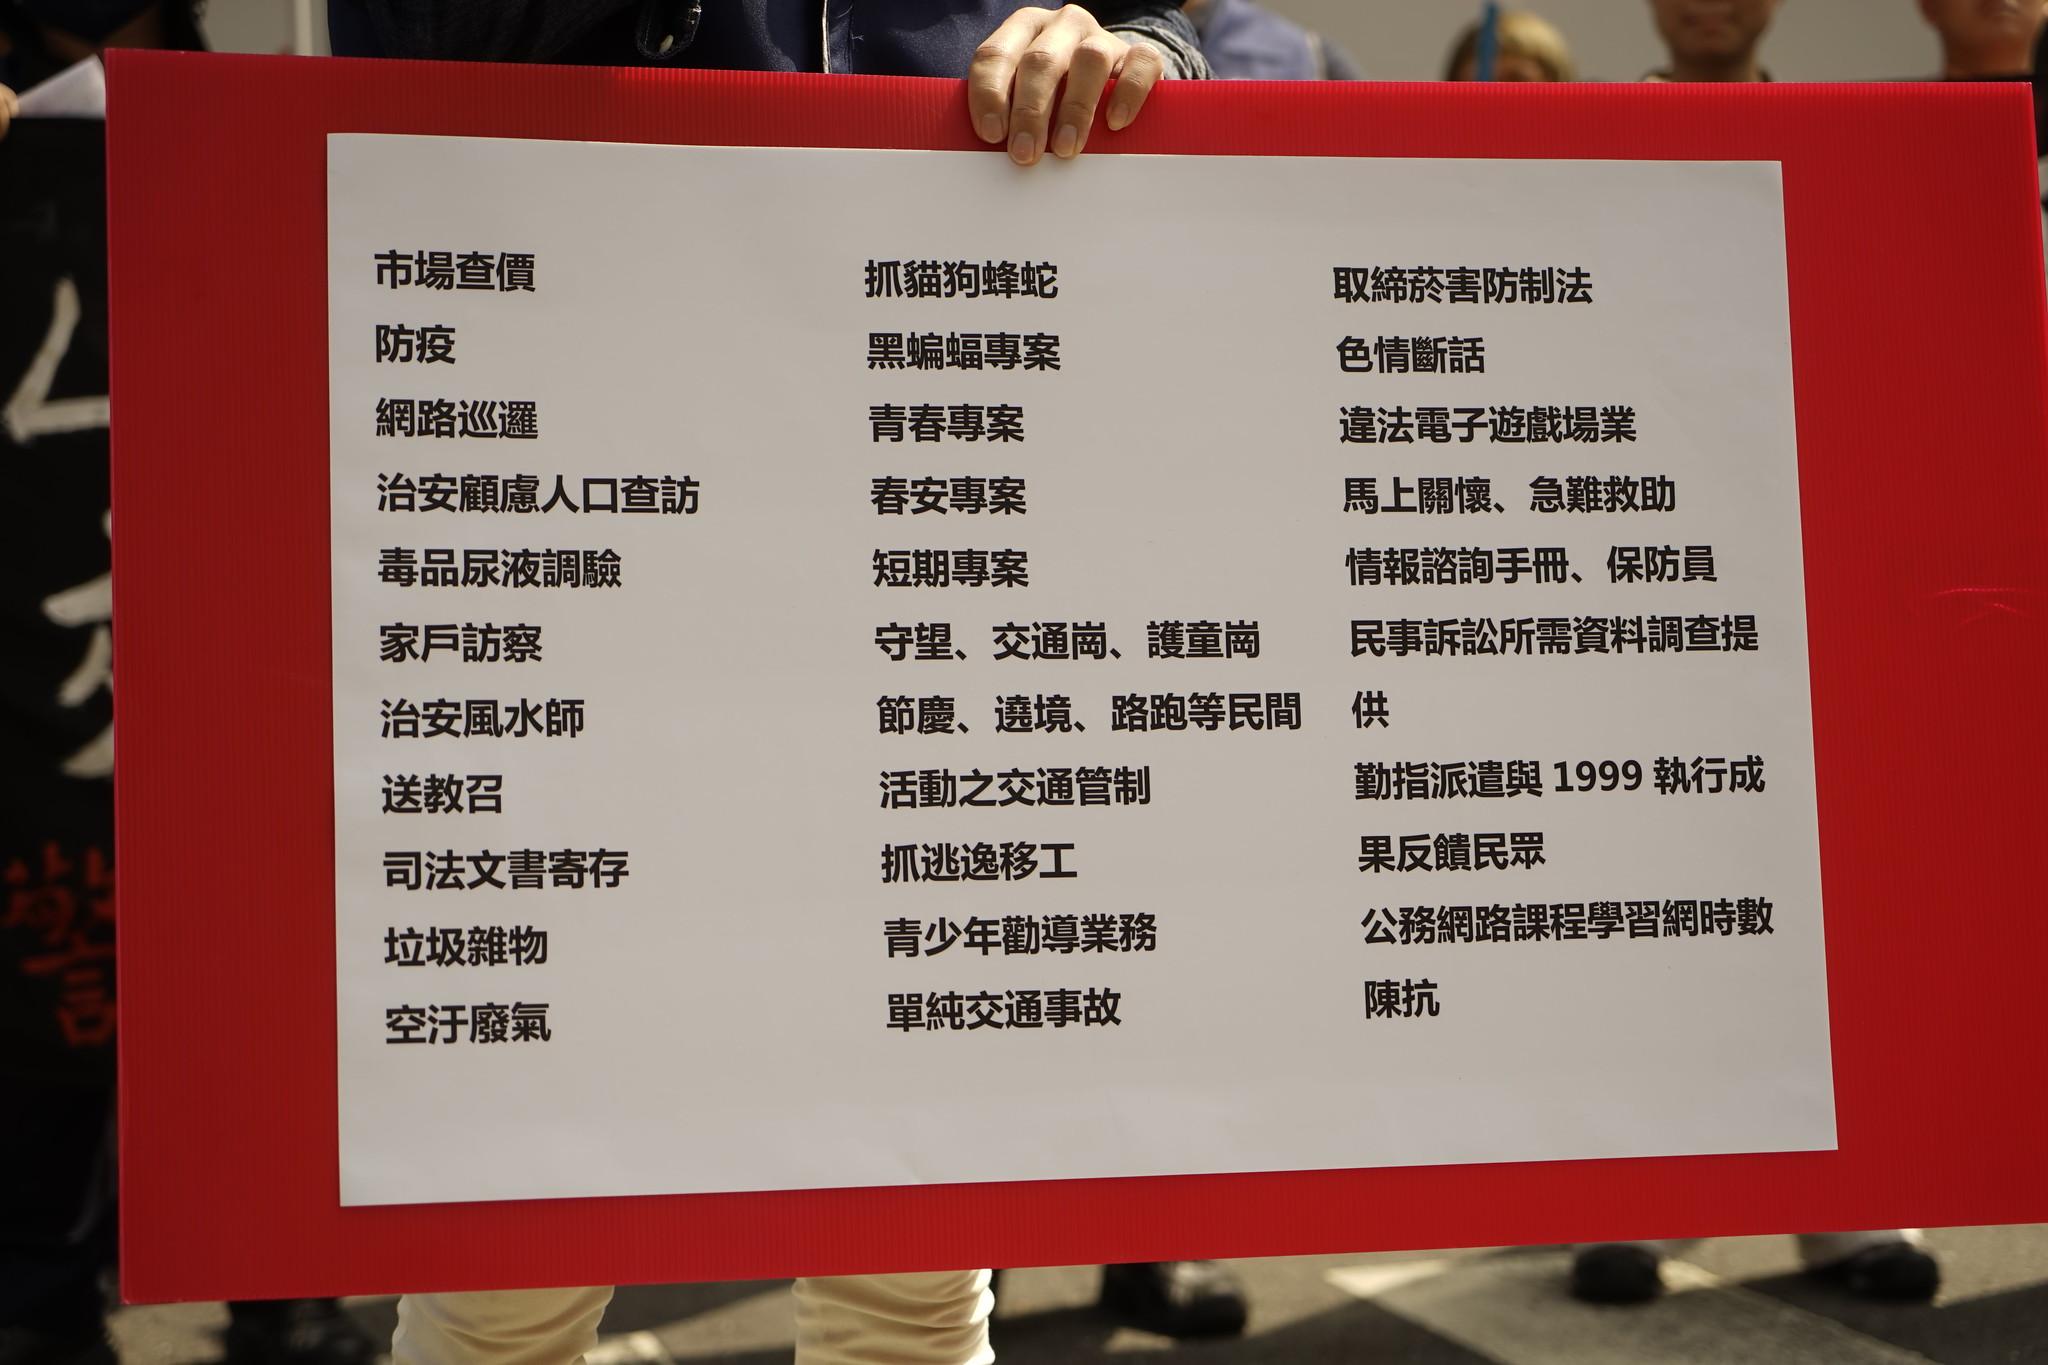 警工推列出高達三十項以上由衛福部、農委會等各級機關分出給基層警員的冗余庶務。(攝影:張宗坤)